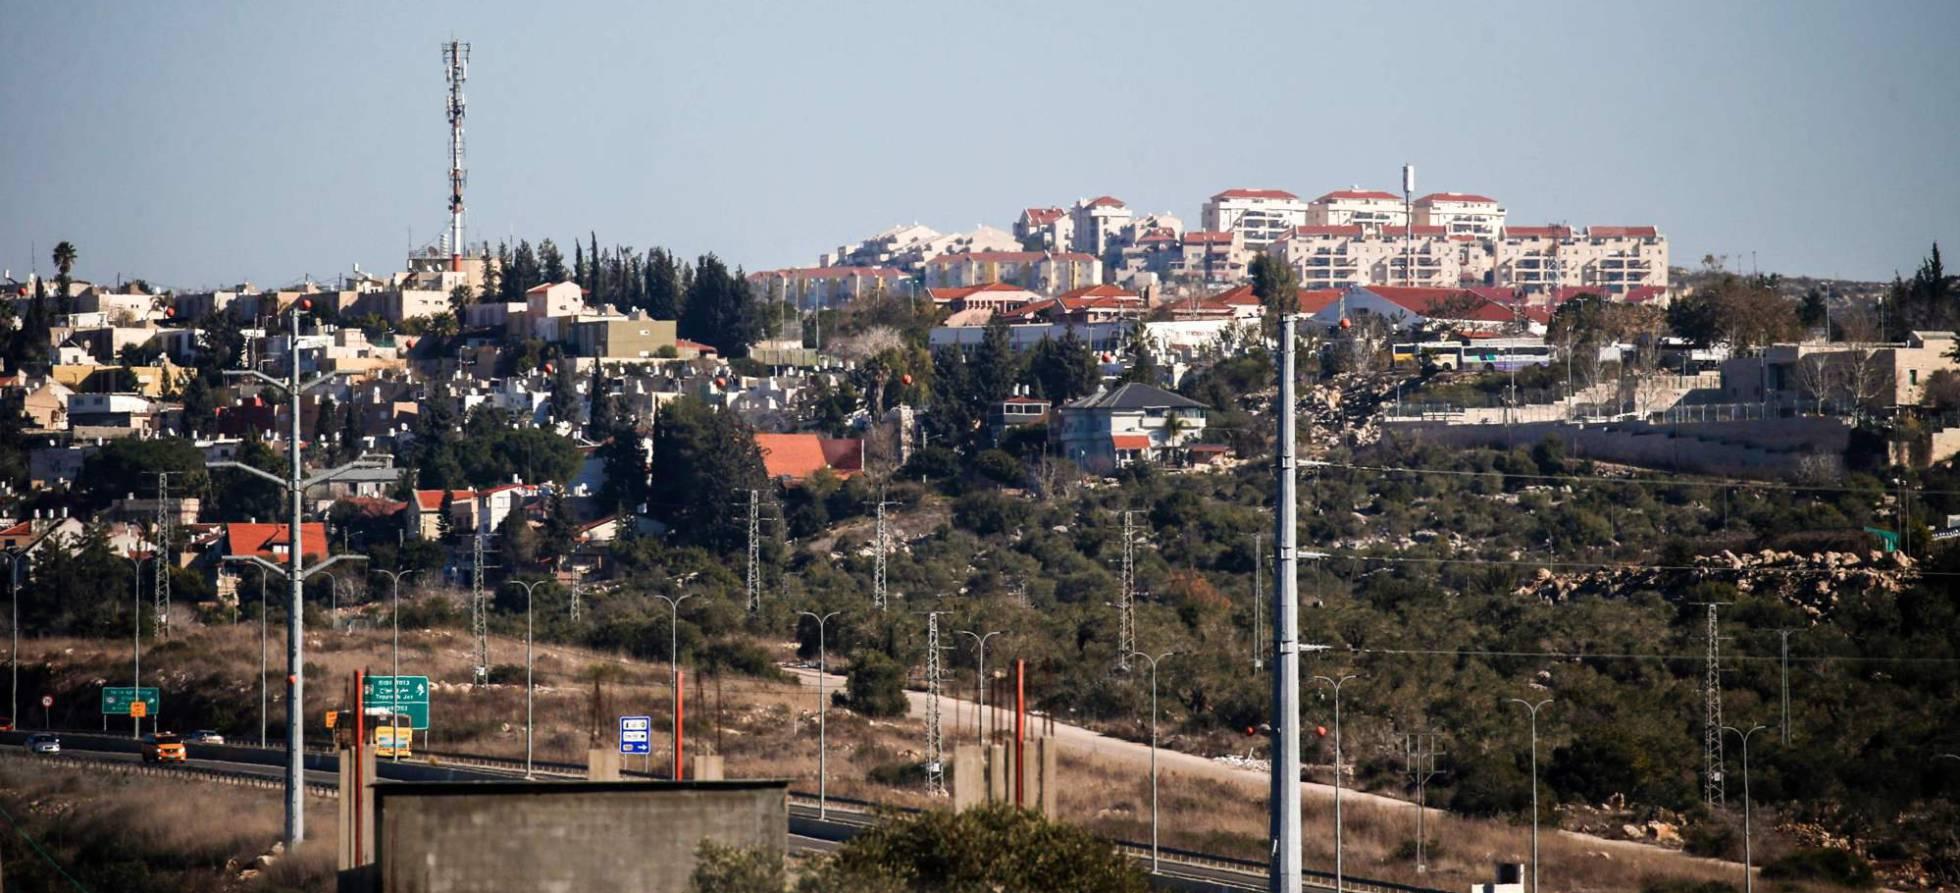 Conflicto Israel-Palestina - Página 29 1485271056_191757_1485271471_noticia_normal_recorte1